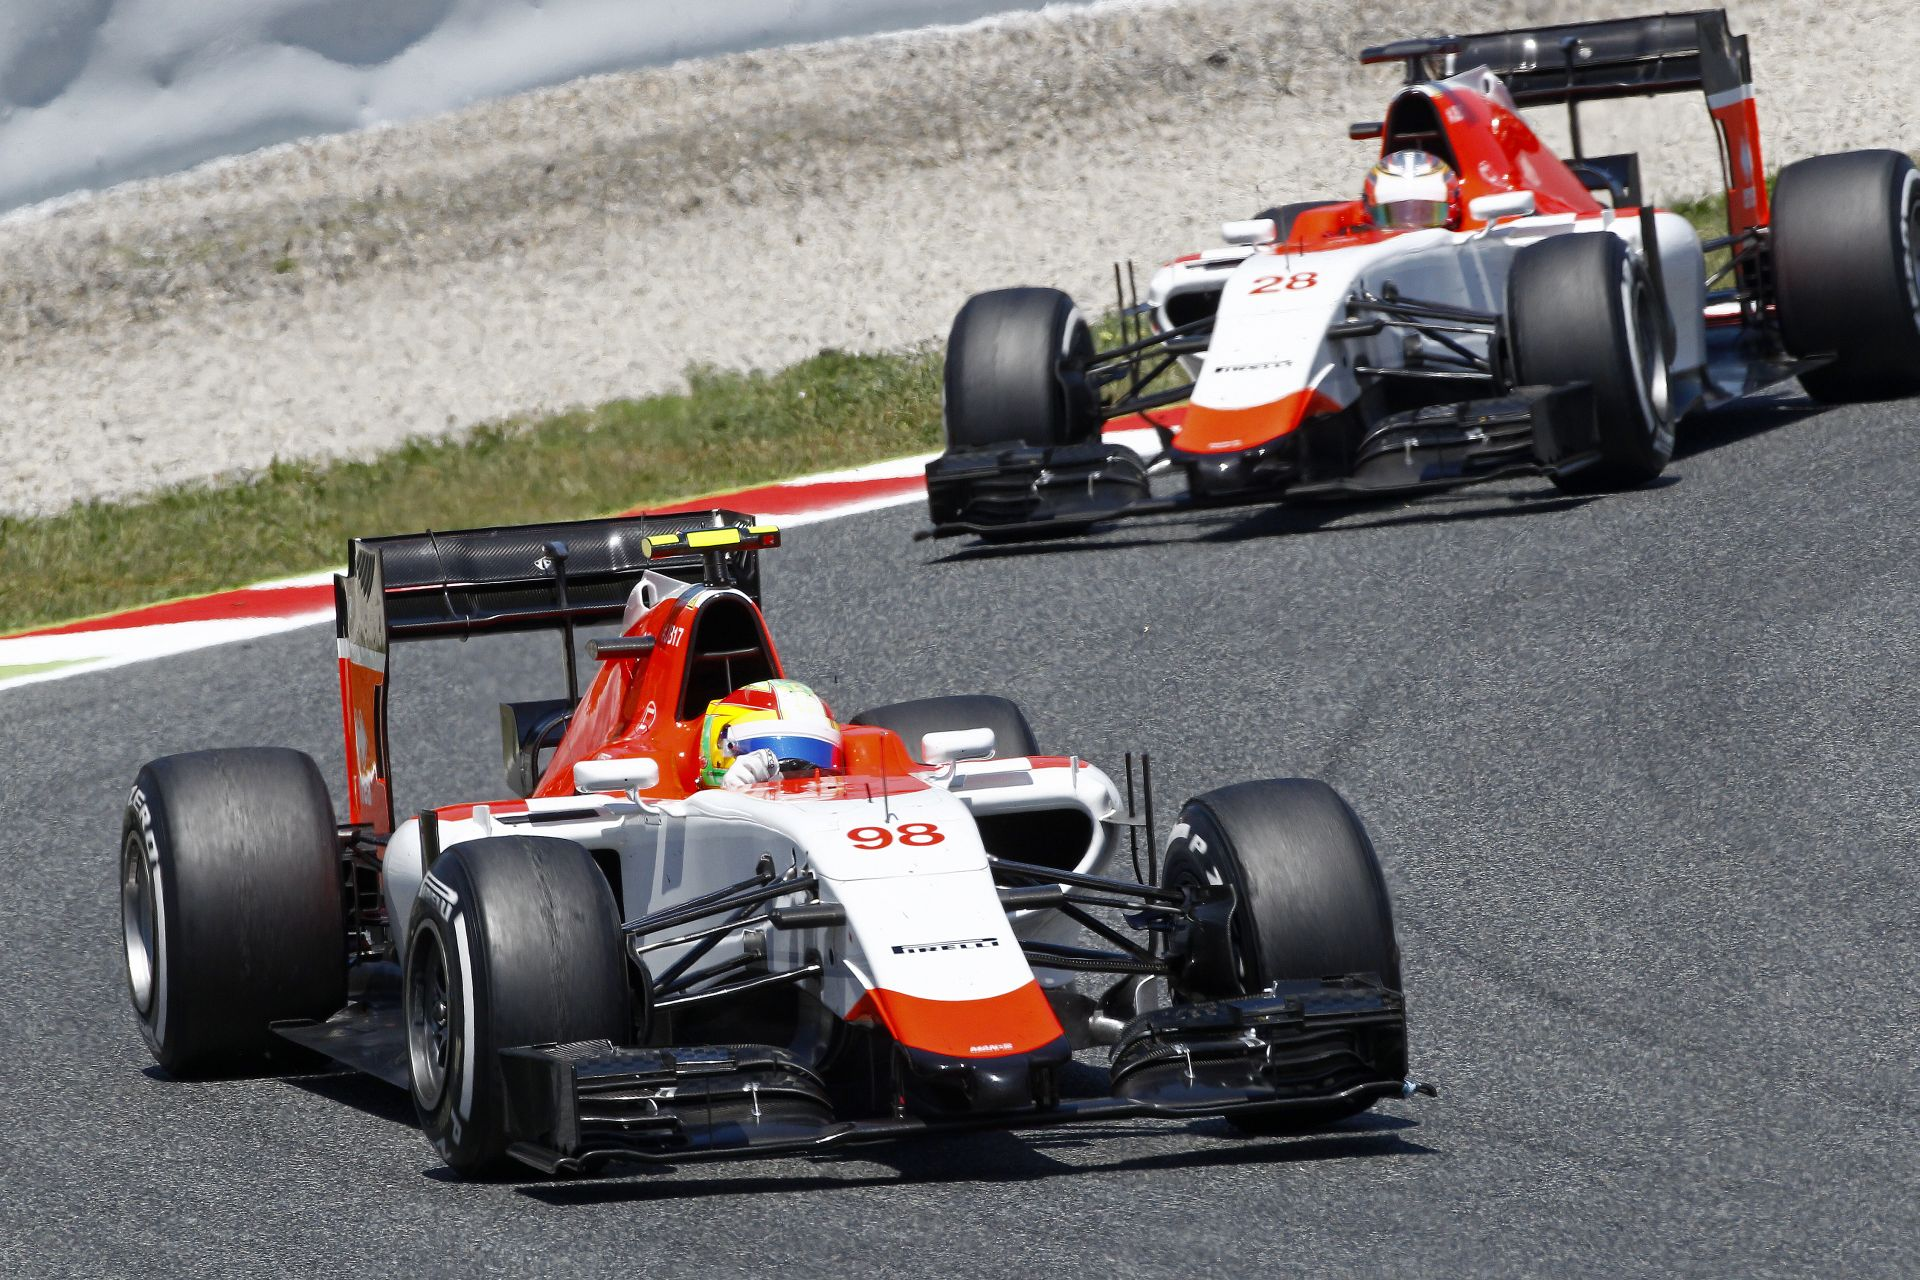 Új versenyzőt szerződtetett a Manor F1 Team